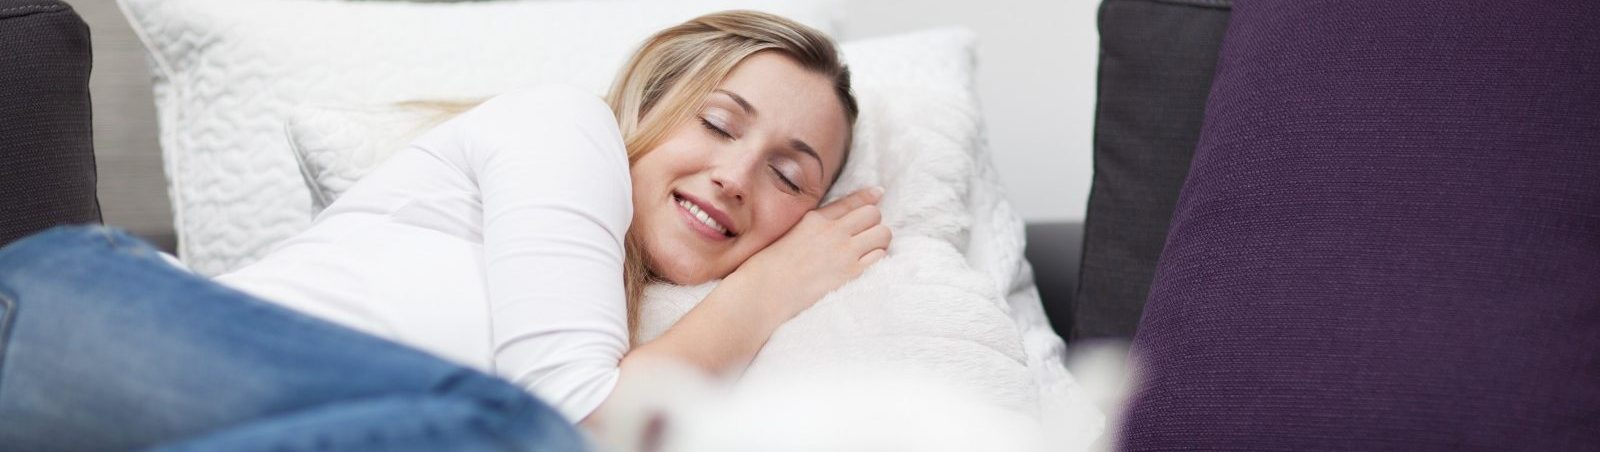 Frau im Bett genießt die Fernwärmeversorgung